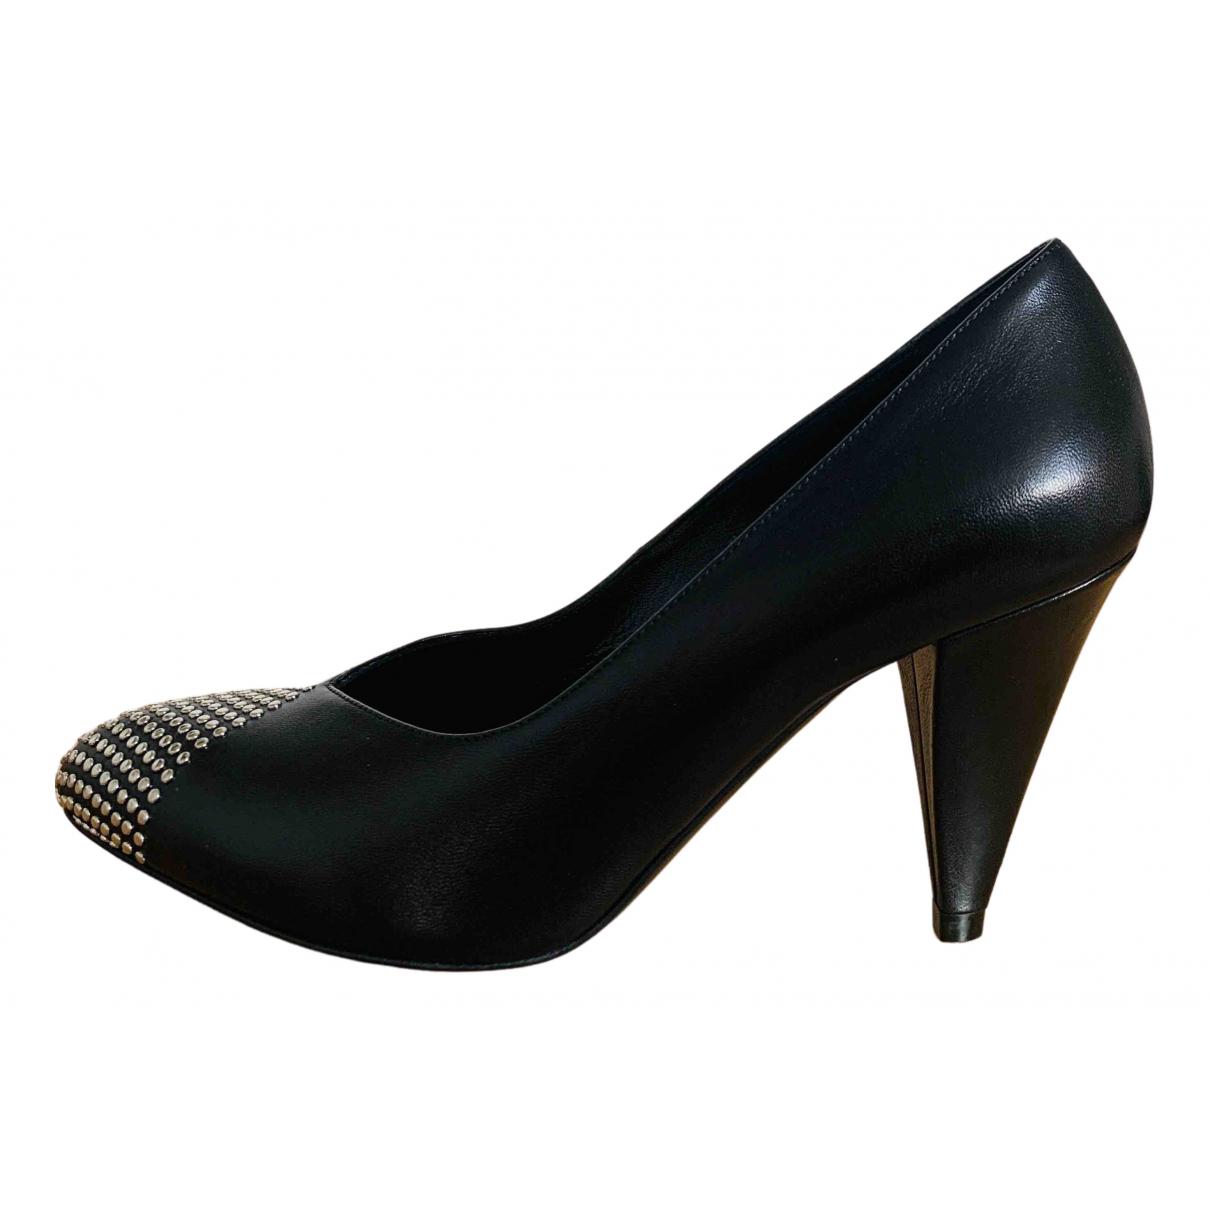 Celine - Escarpins Triangle Heel pour femme en cuir - noir